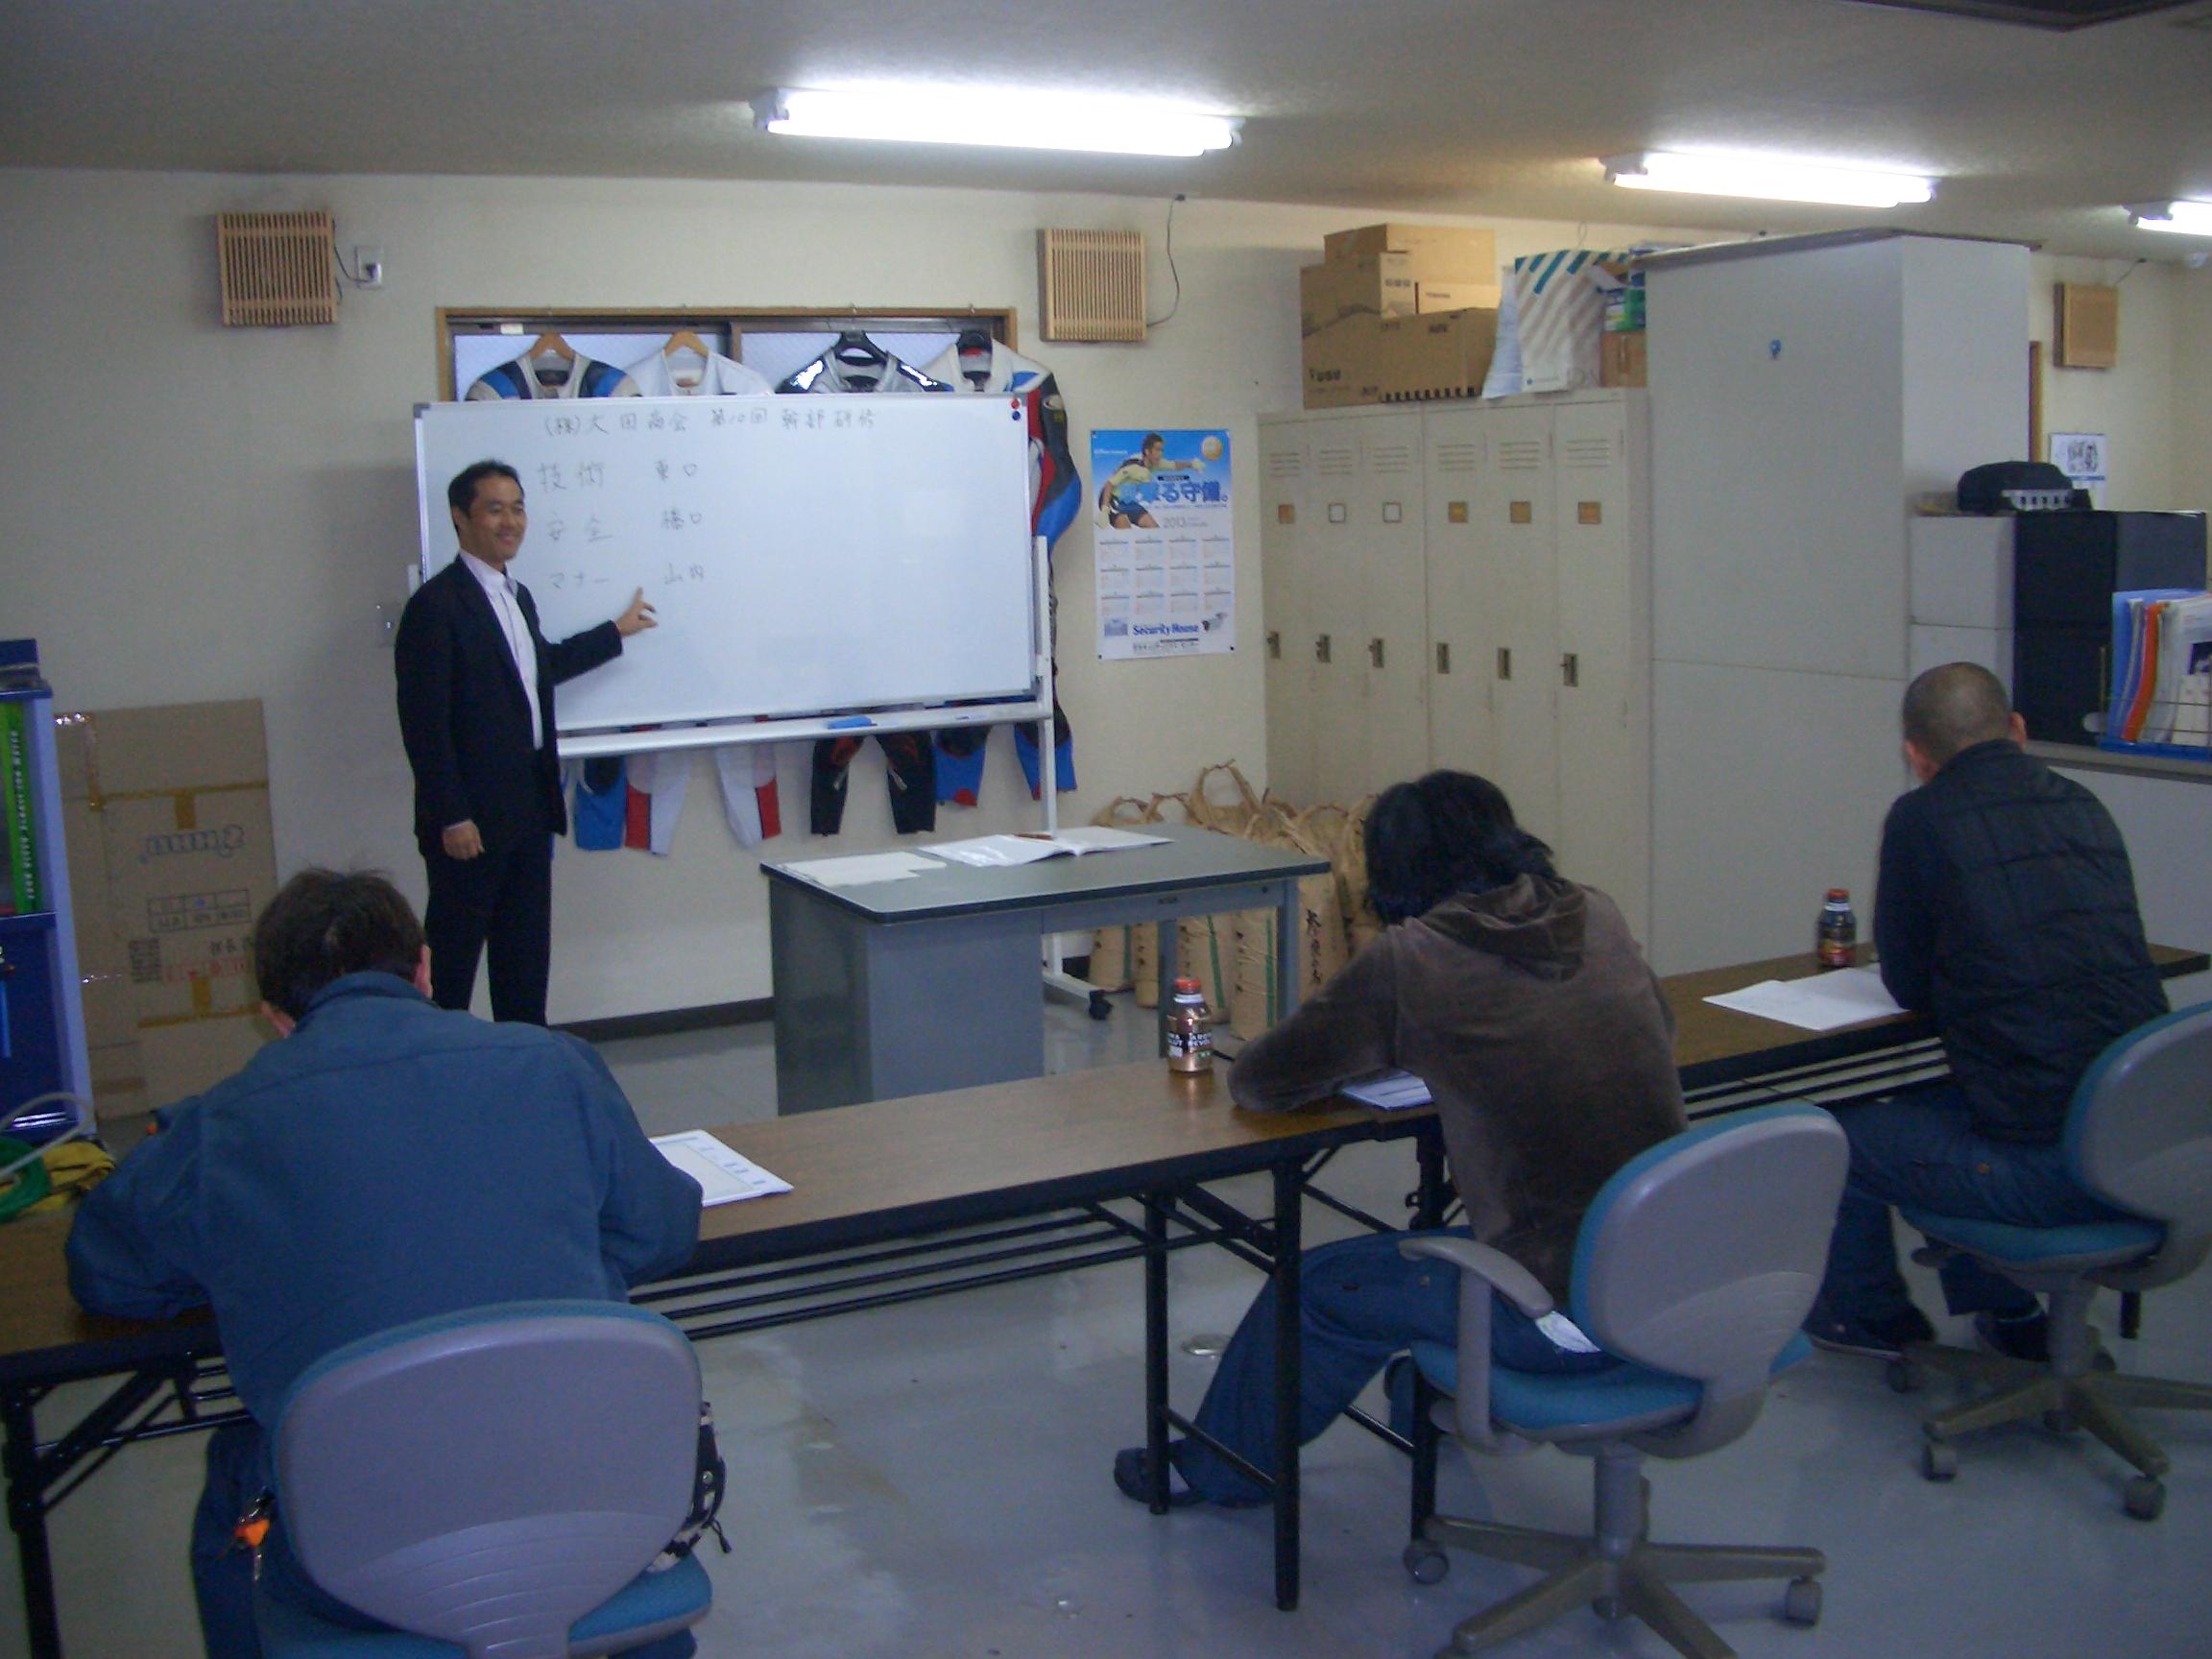 大田商会 幹部研修 2013.2.6.JPG